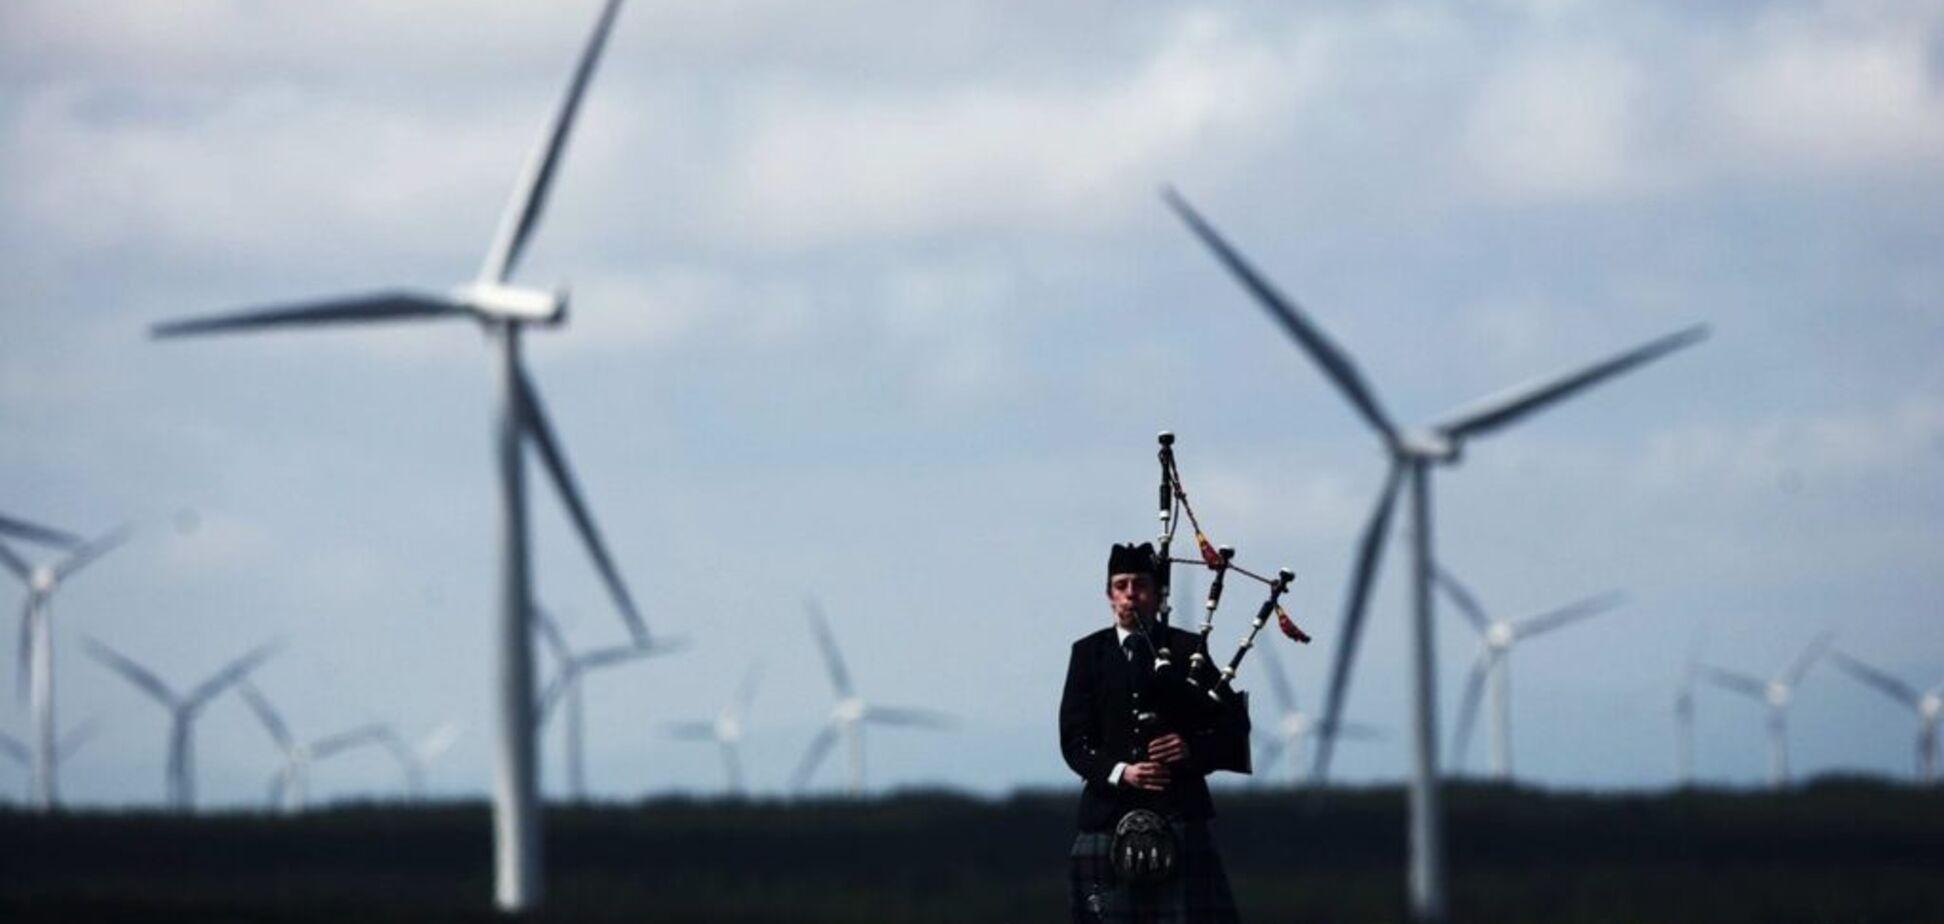 Відмова від нафти й газу: в 2020 році Шотландія повністю перейде на 'зелену' енергію